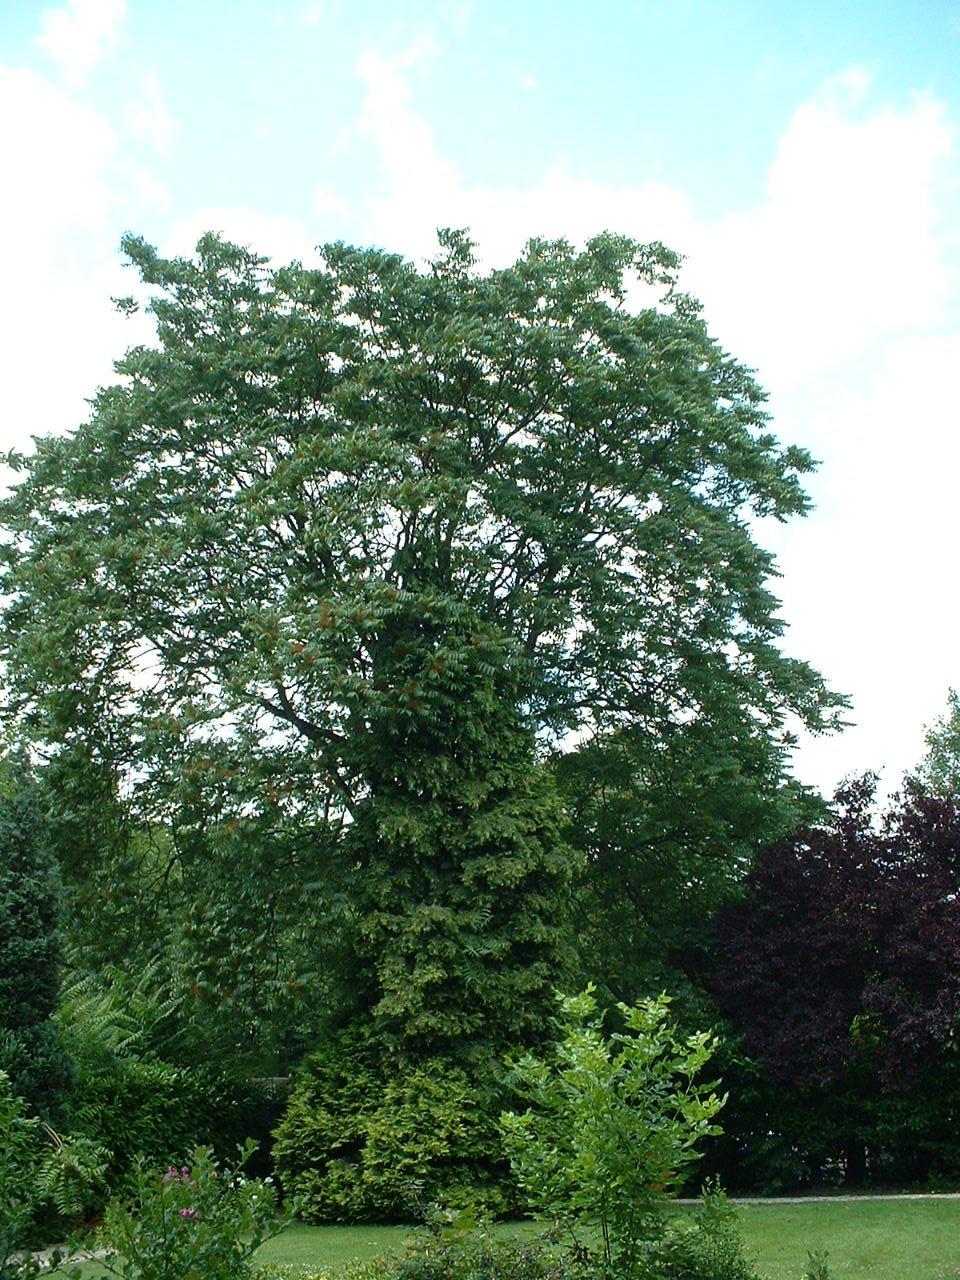 Hemelboom – Schaarbeek, Heliotropenlaan, 1 –  08 Juli 2002